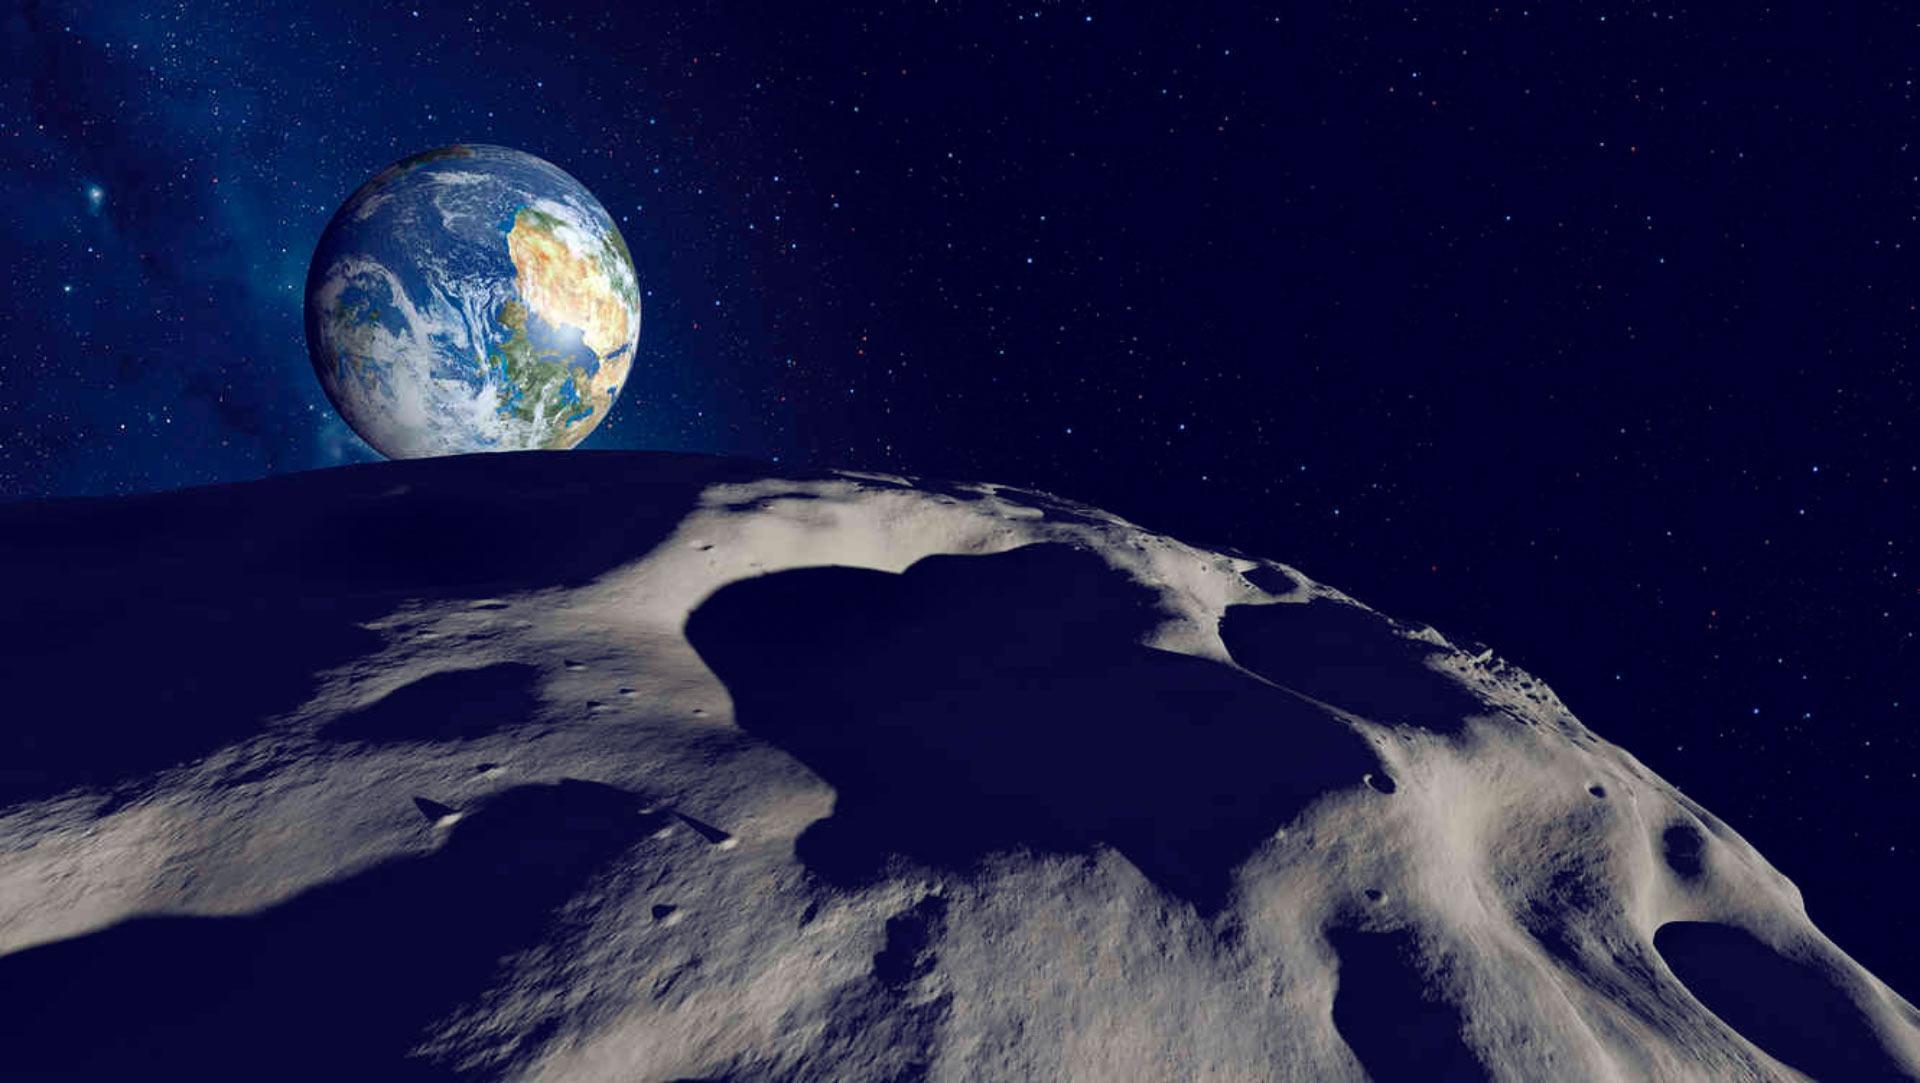 КЗемле приближается астероид размером сБиг-Бен